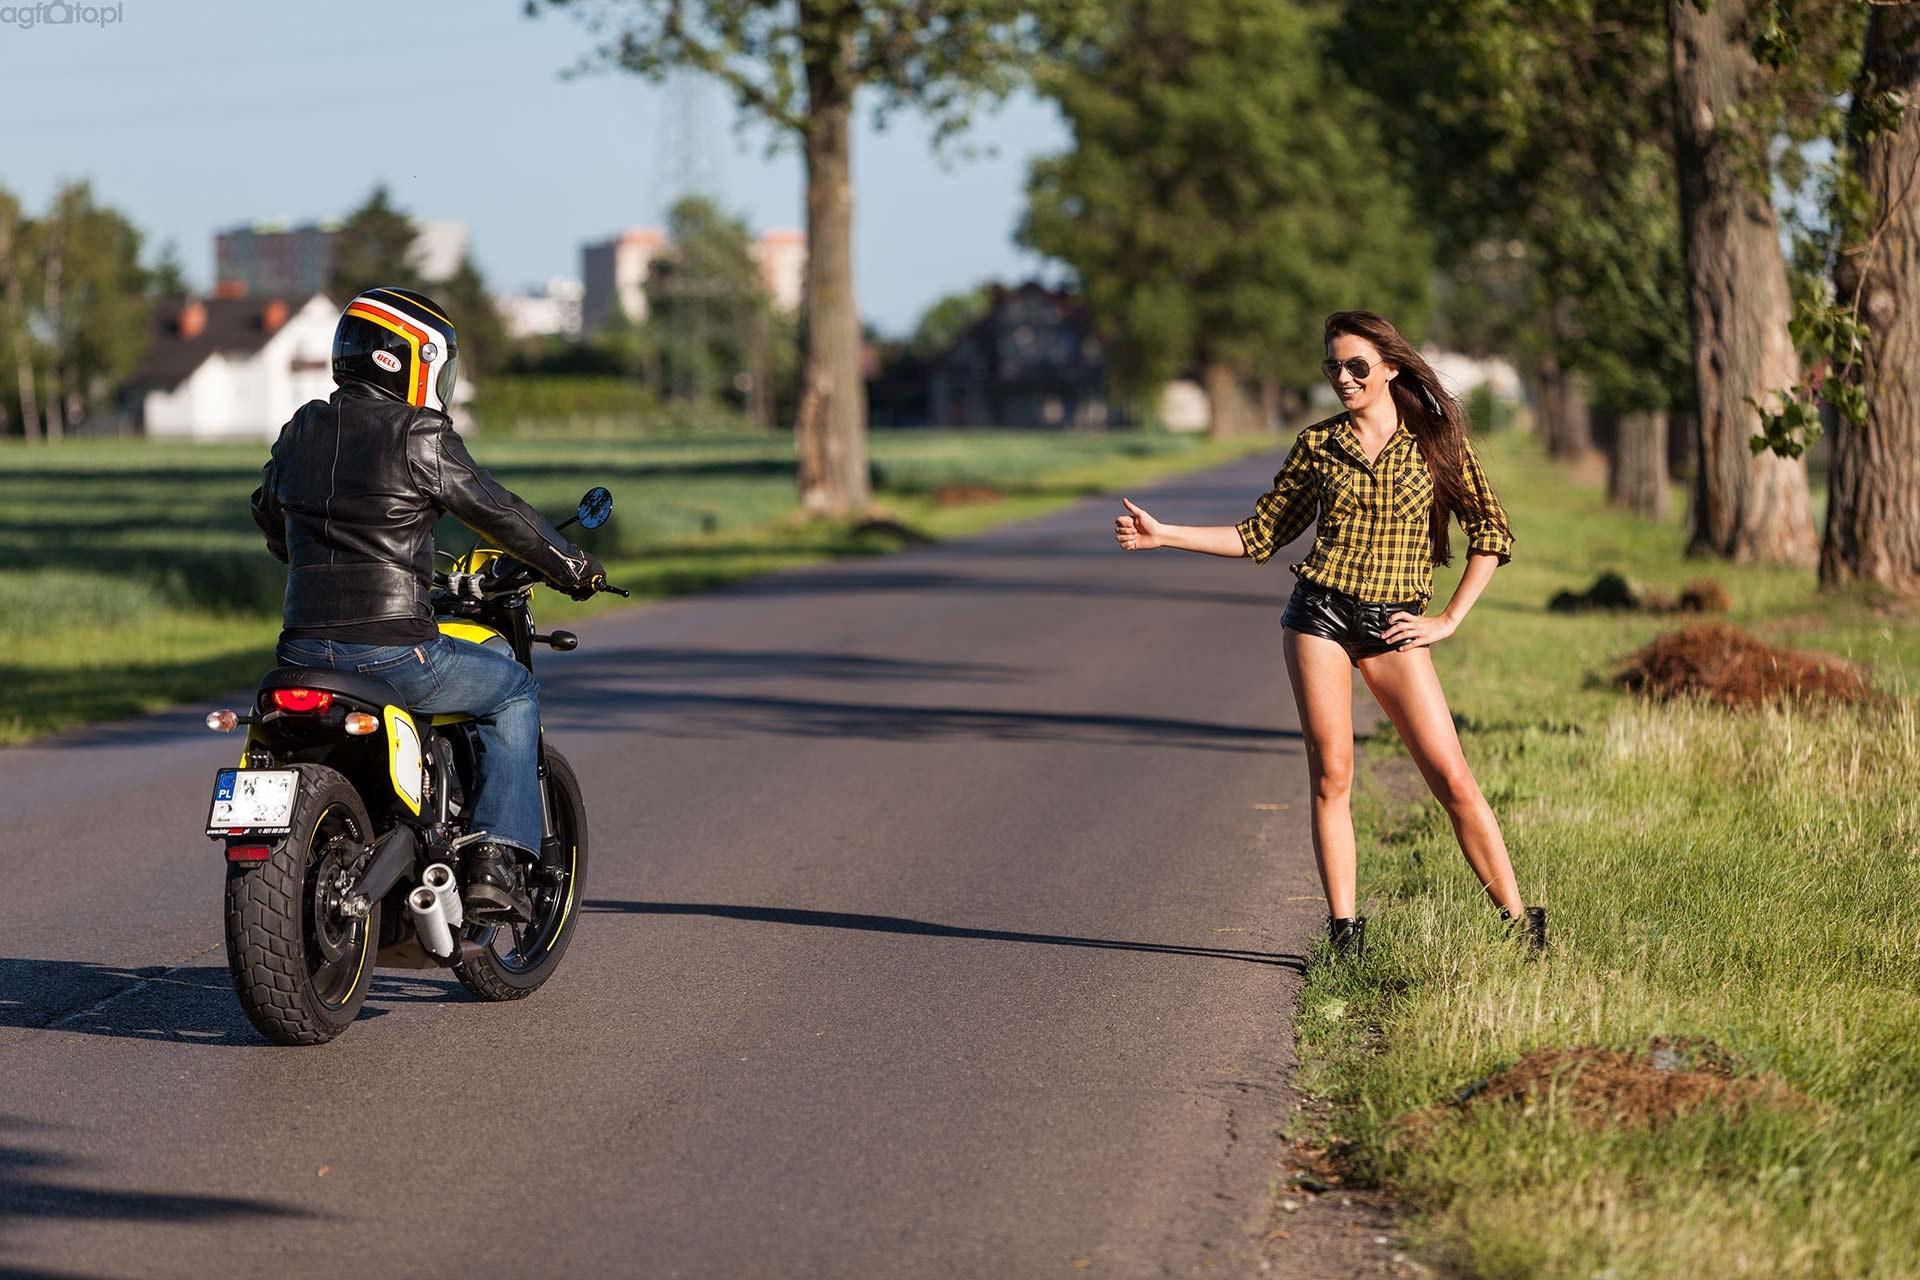 ducati_scrambler_autostopem_motocyklicznie